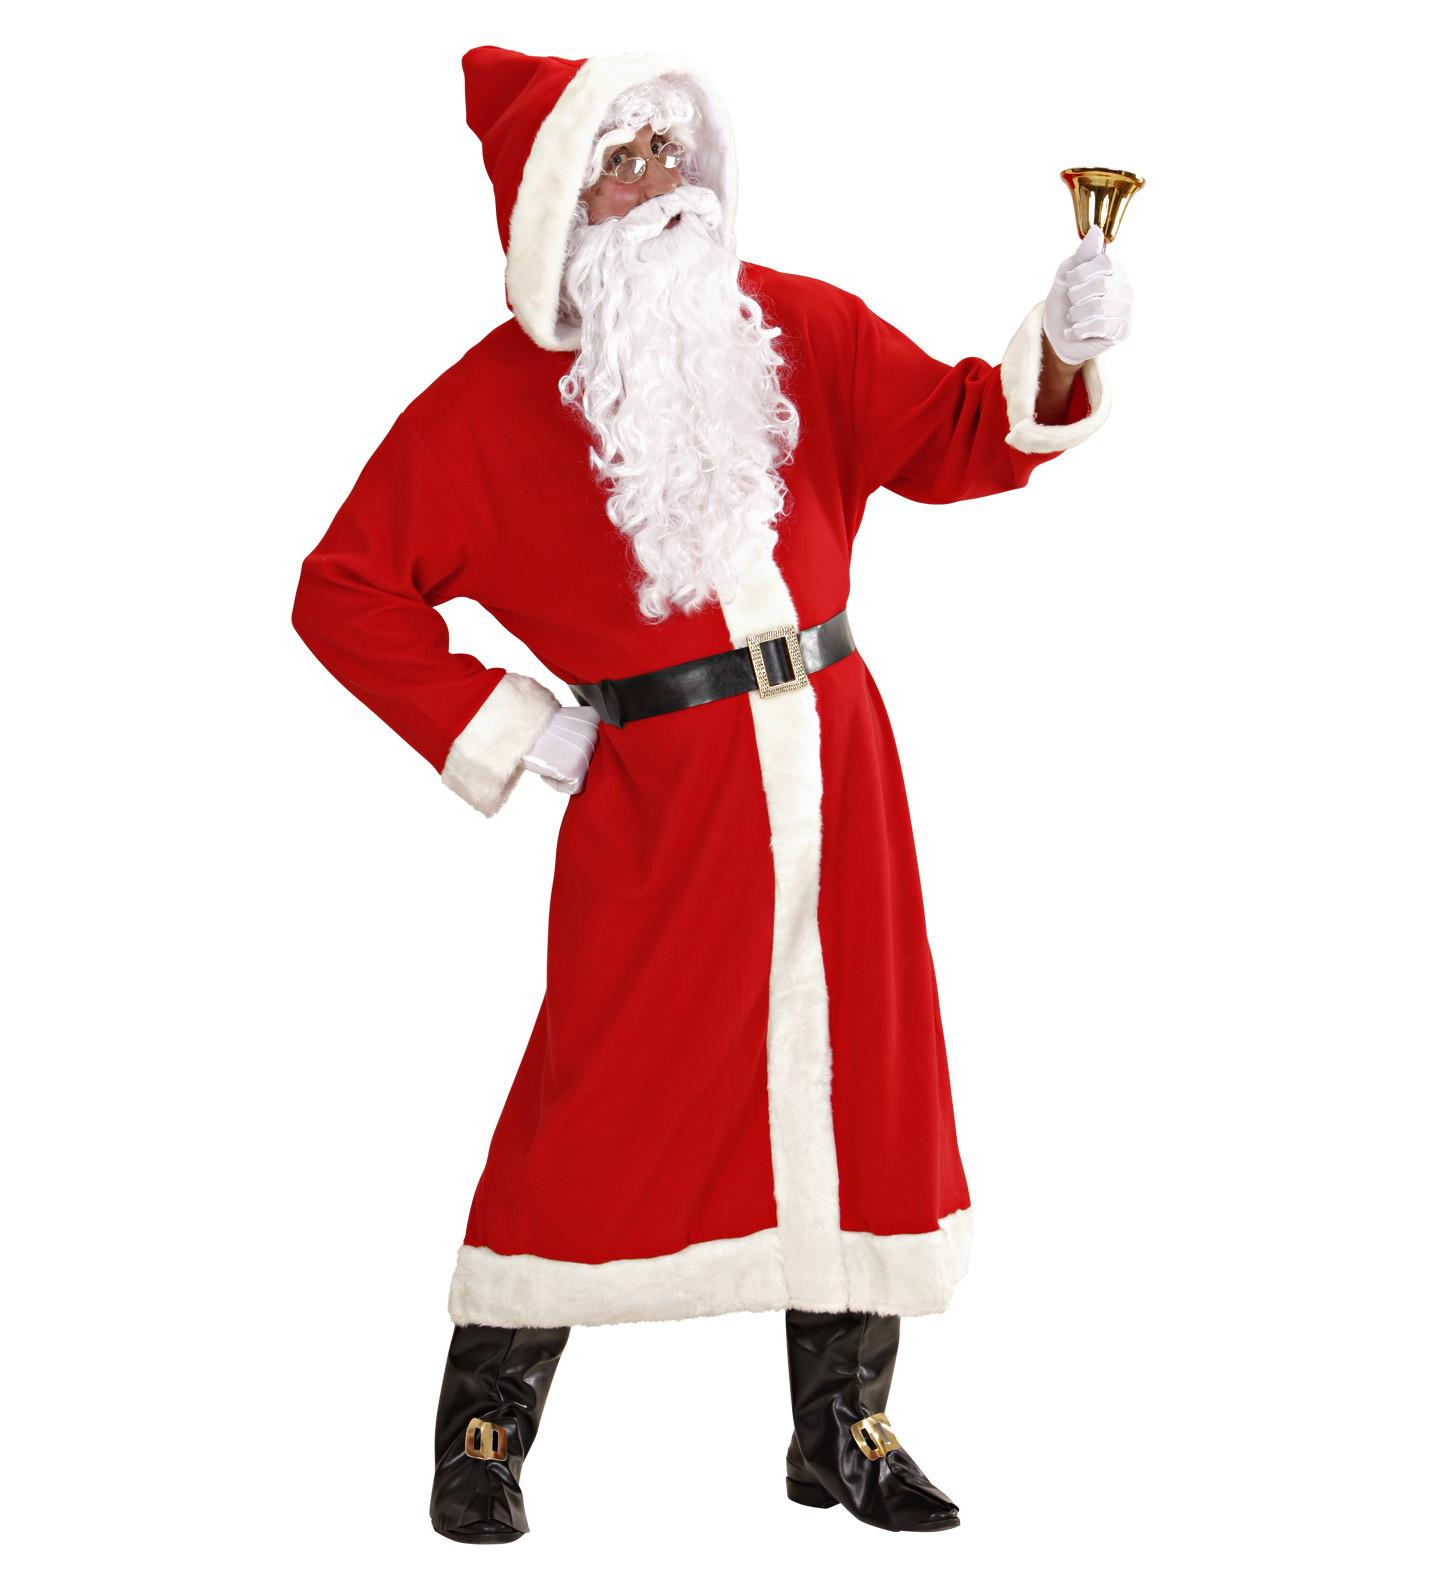 Abito Babbo Natale.Abito Babbo Natale Lusso Retro Vestito Natalizio Santa Claus Ps 07842 Pelusciamo Com